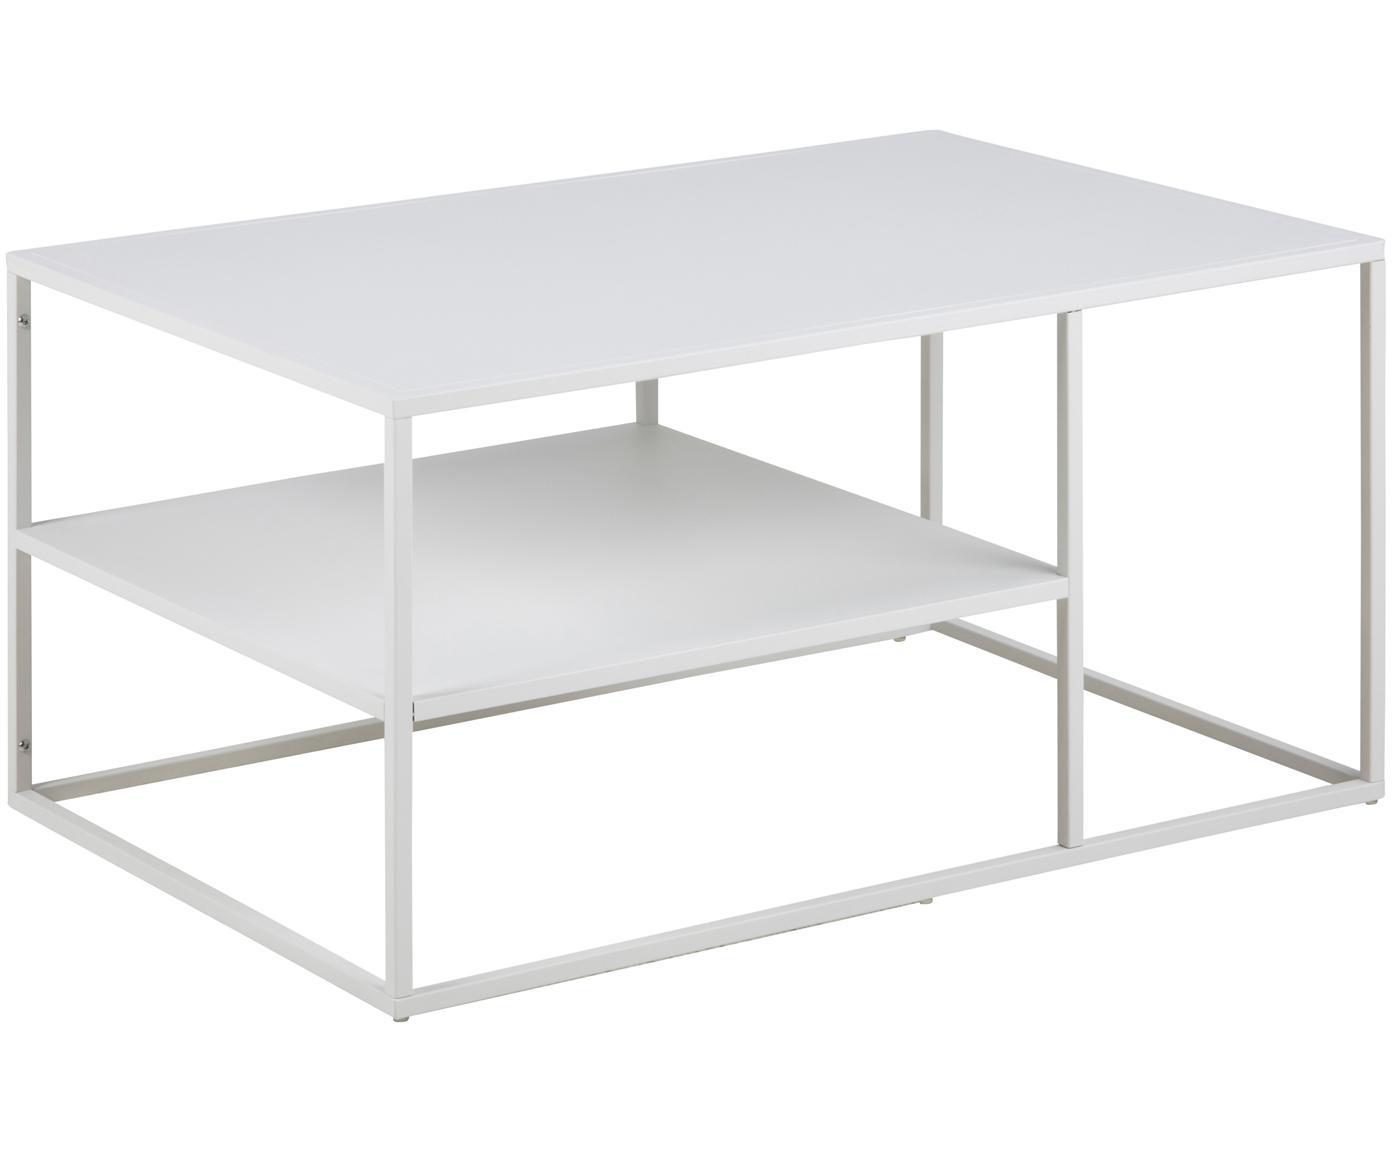 Tavolino da salotto con piano d'appoggio Newton, Metallo verniciato a polvere, Bianco, Larg. 90 x Prof. 60 cm